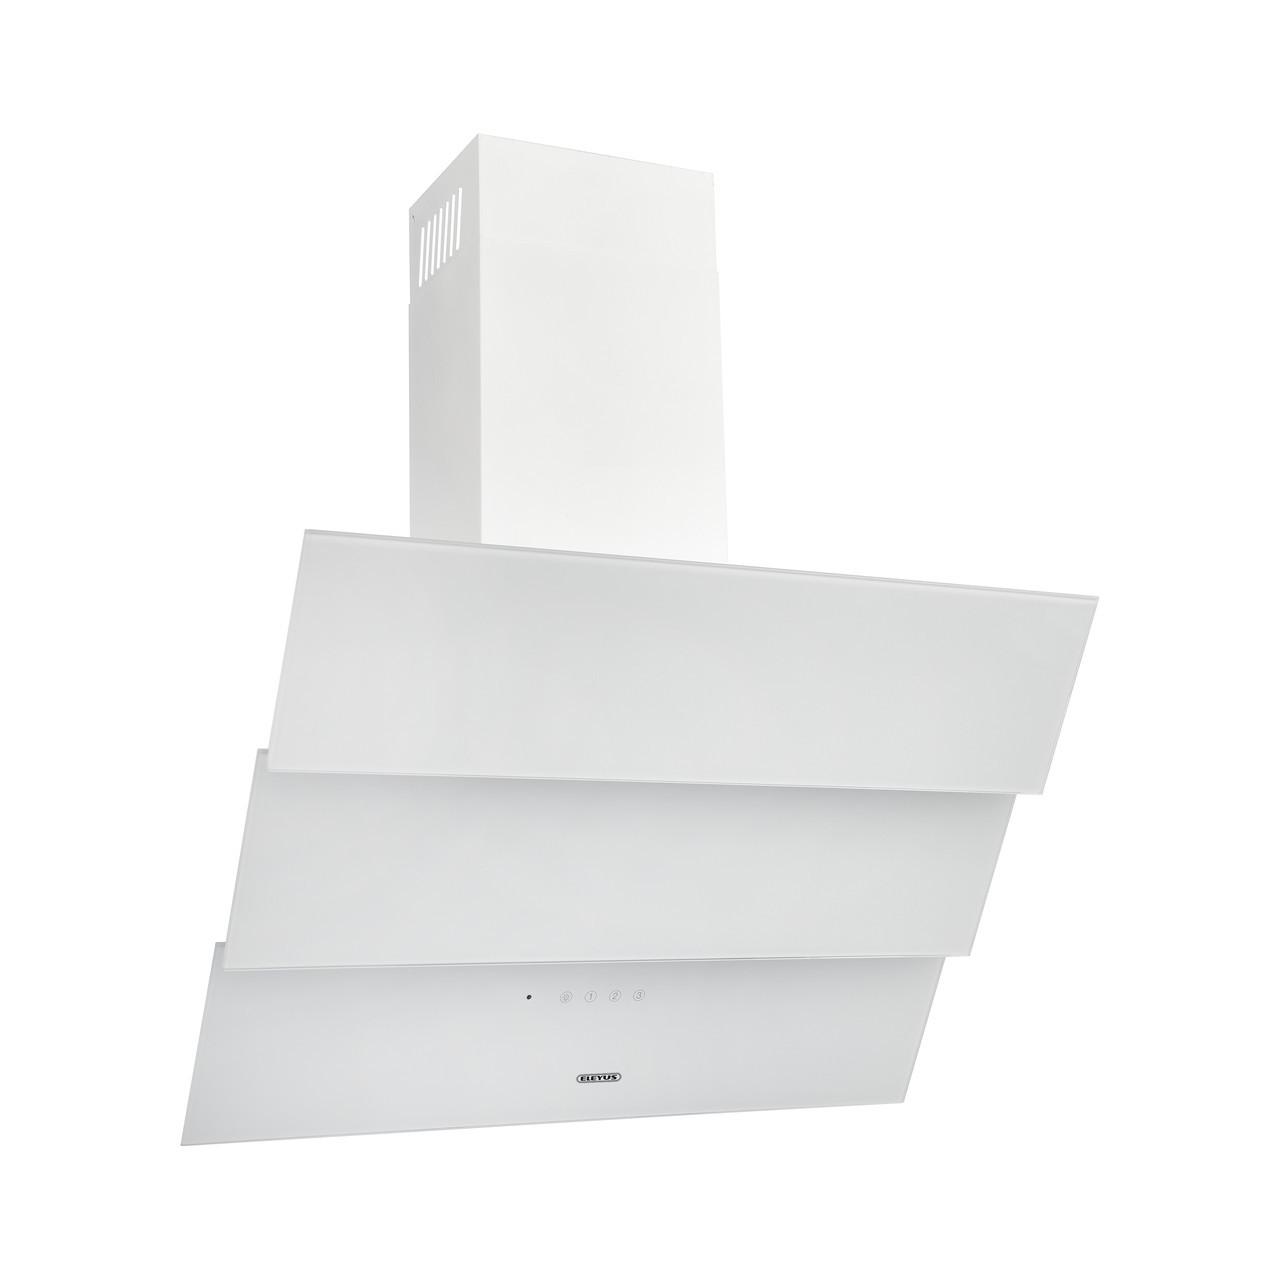 Витяжка кухонна вертикальна ELEYUS Fiona 700 60 WH + Безкоштовна доставка!